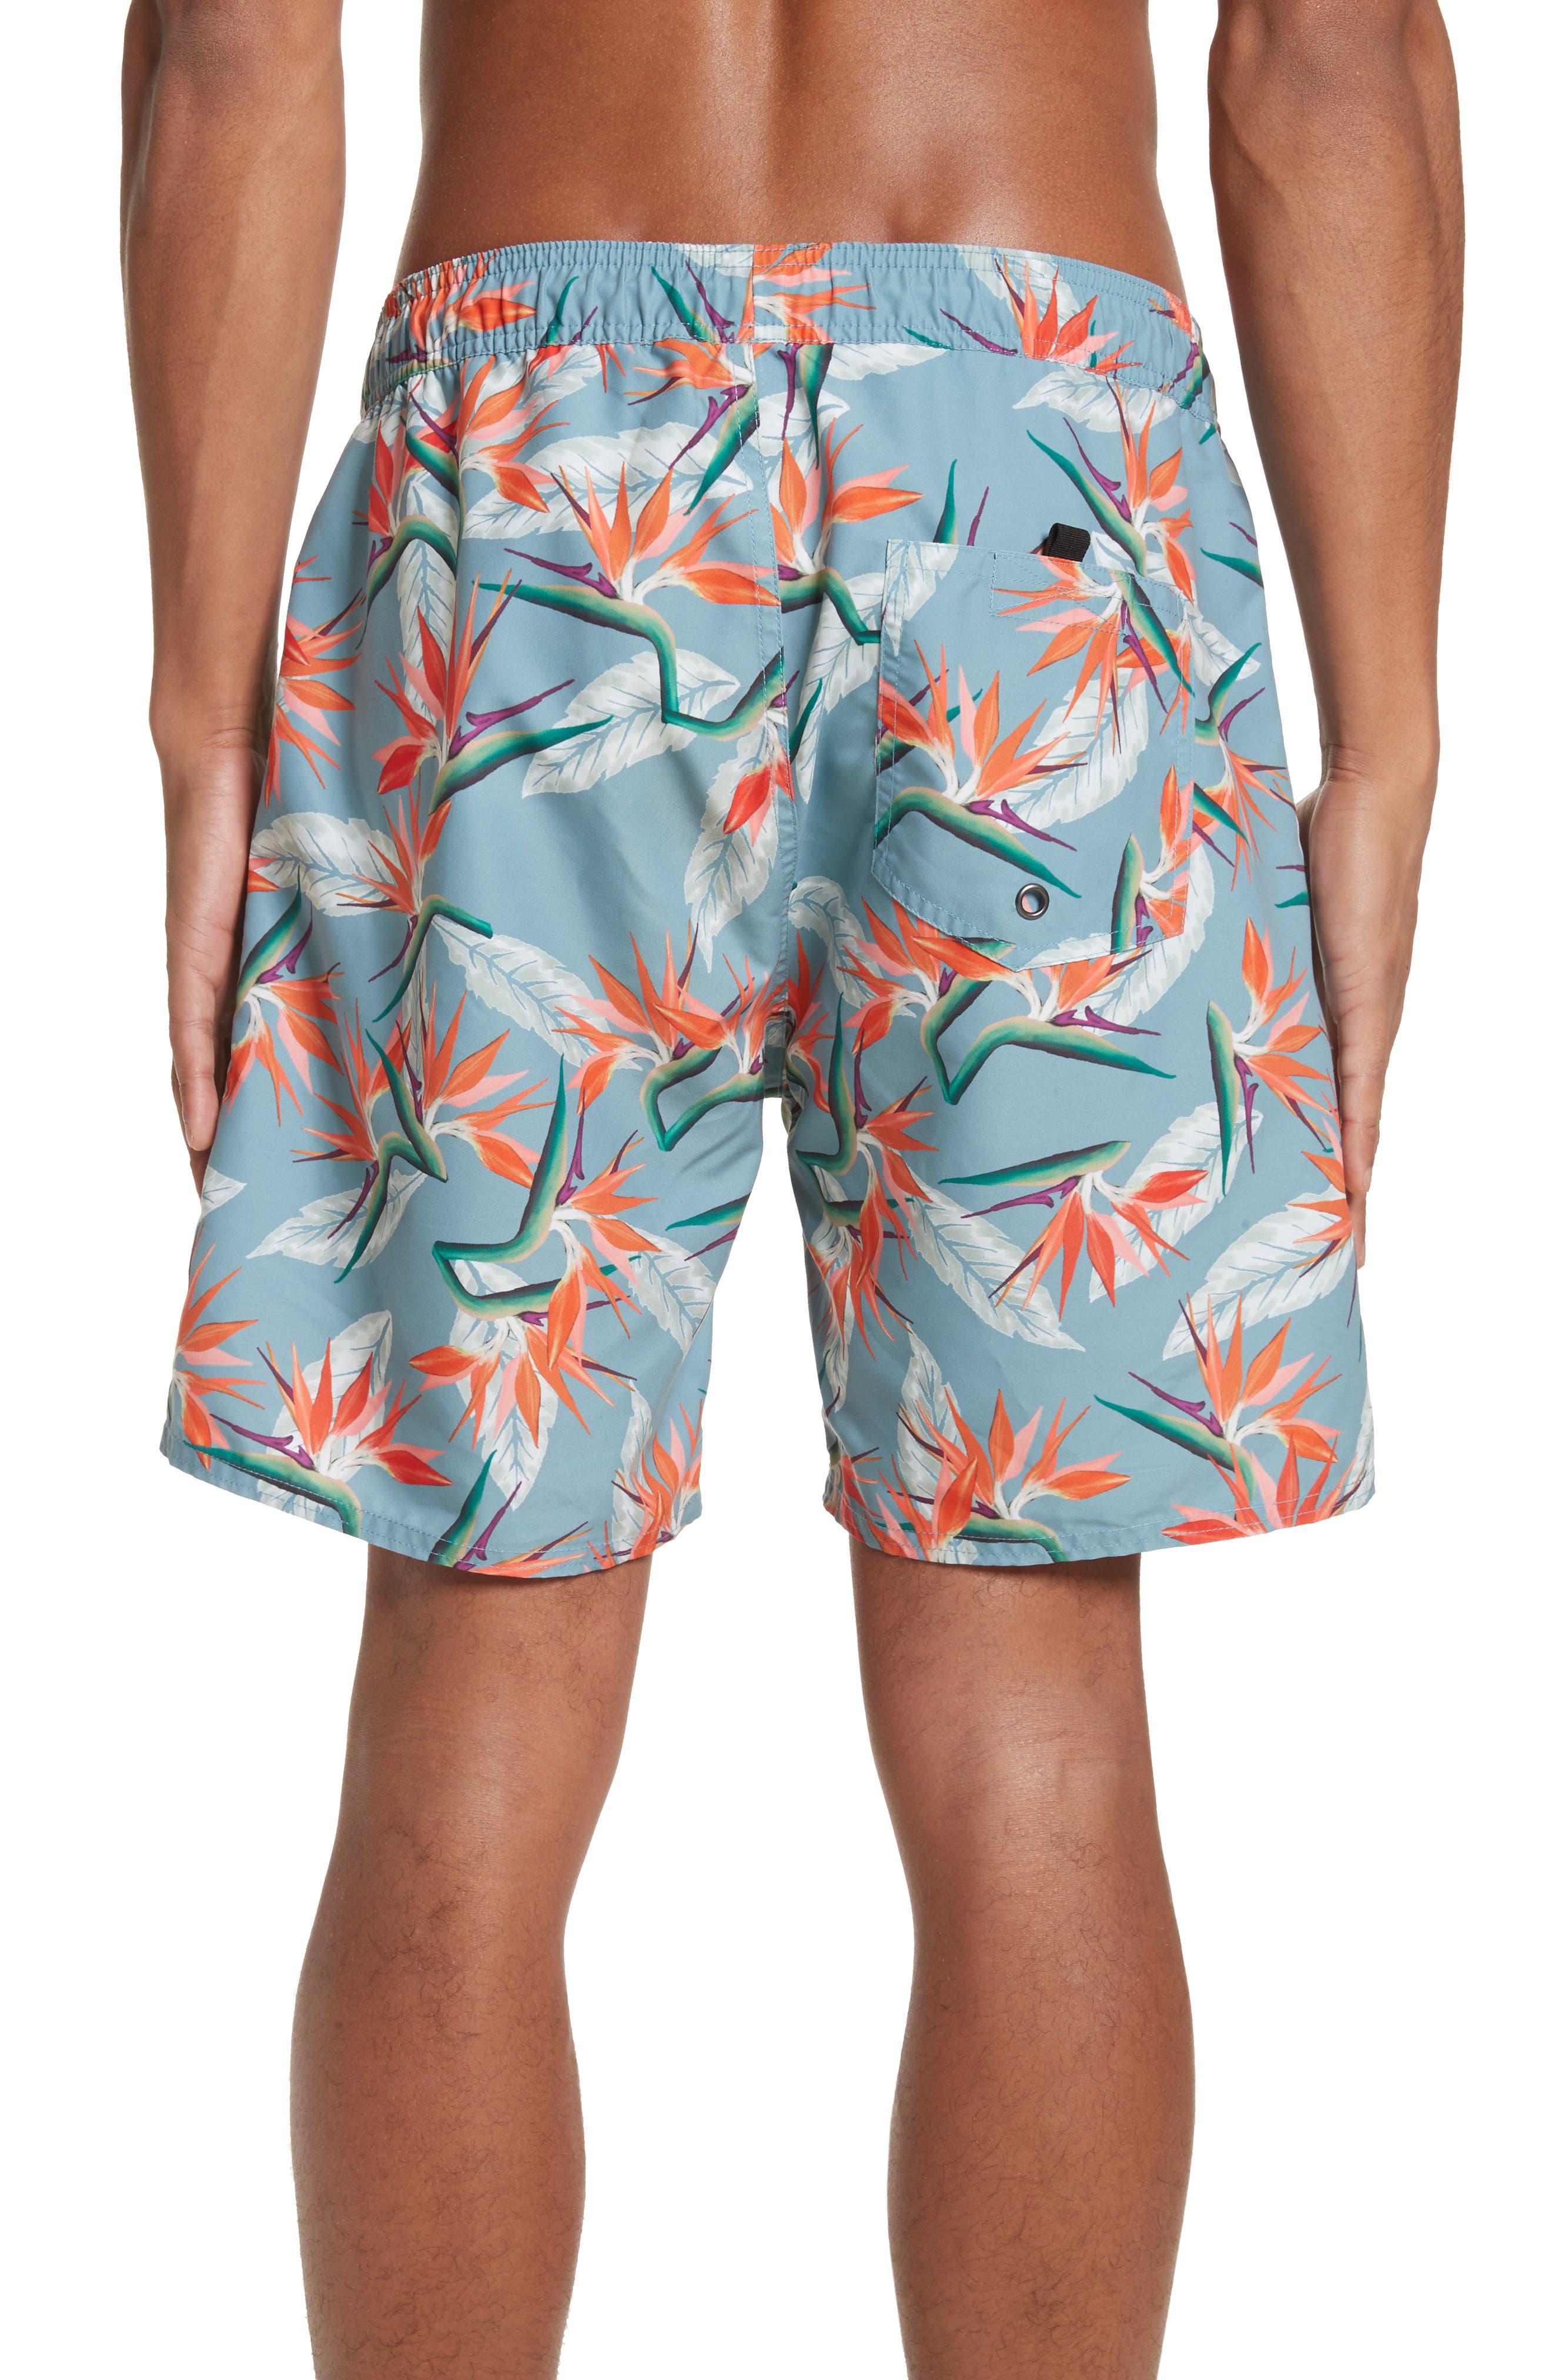 Timothy Paradise Swim Shorts,                             Alternate thumbnail 2, color,                             PARADISE PRINT